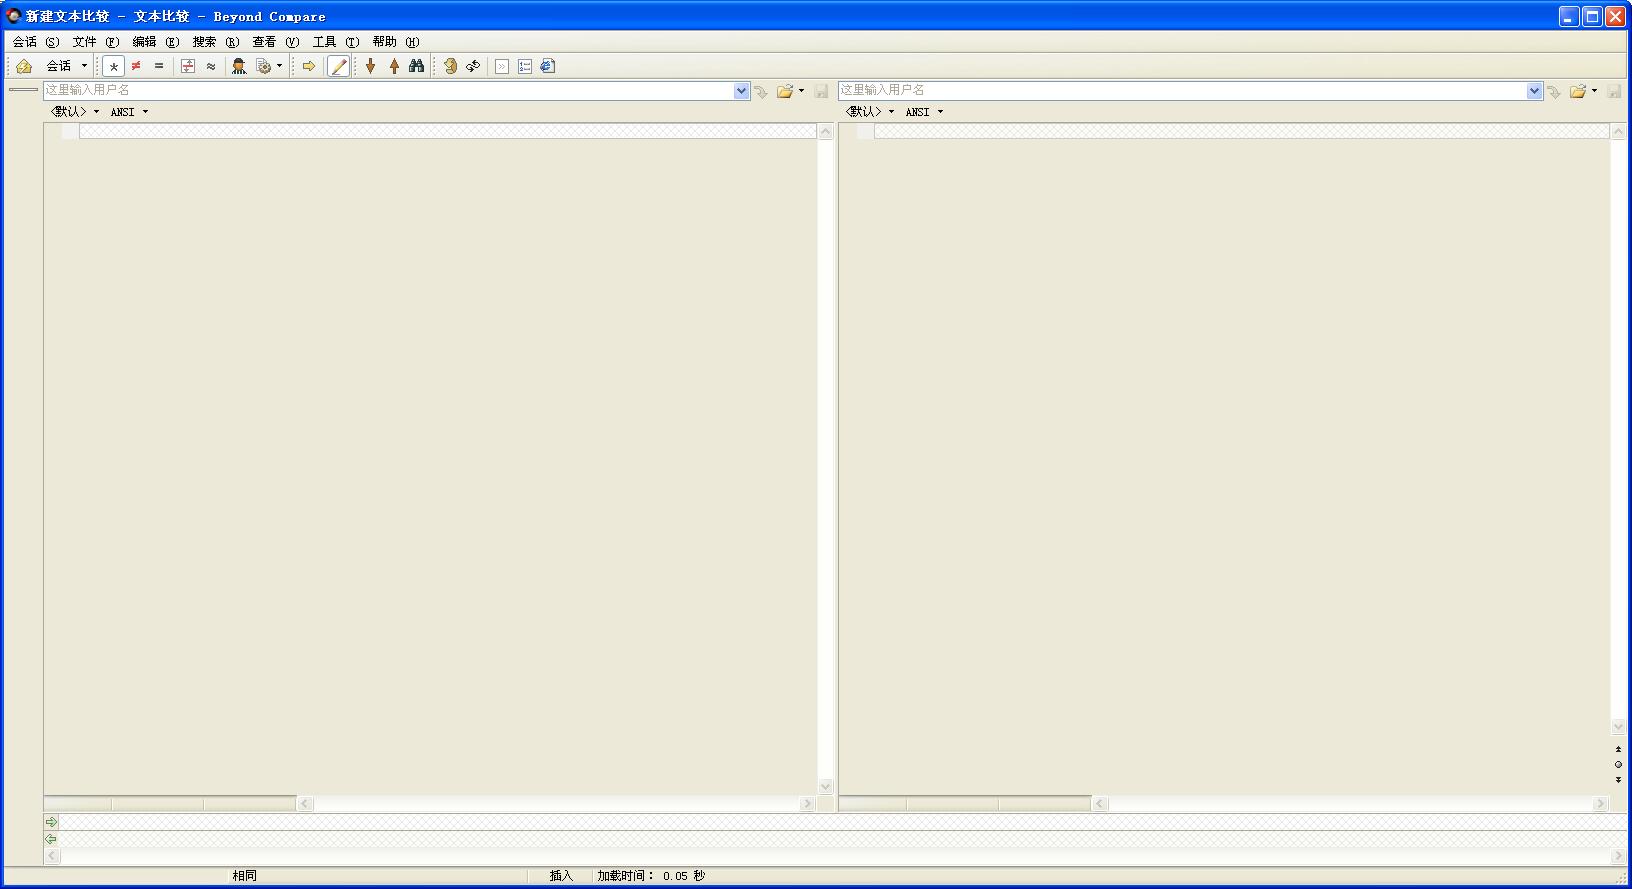 Beyond Compare(文件对比工具)V4.0 build 17677 beta 绿色汉化特别版